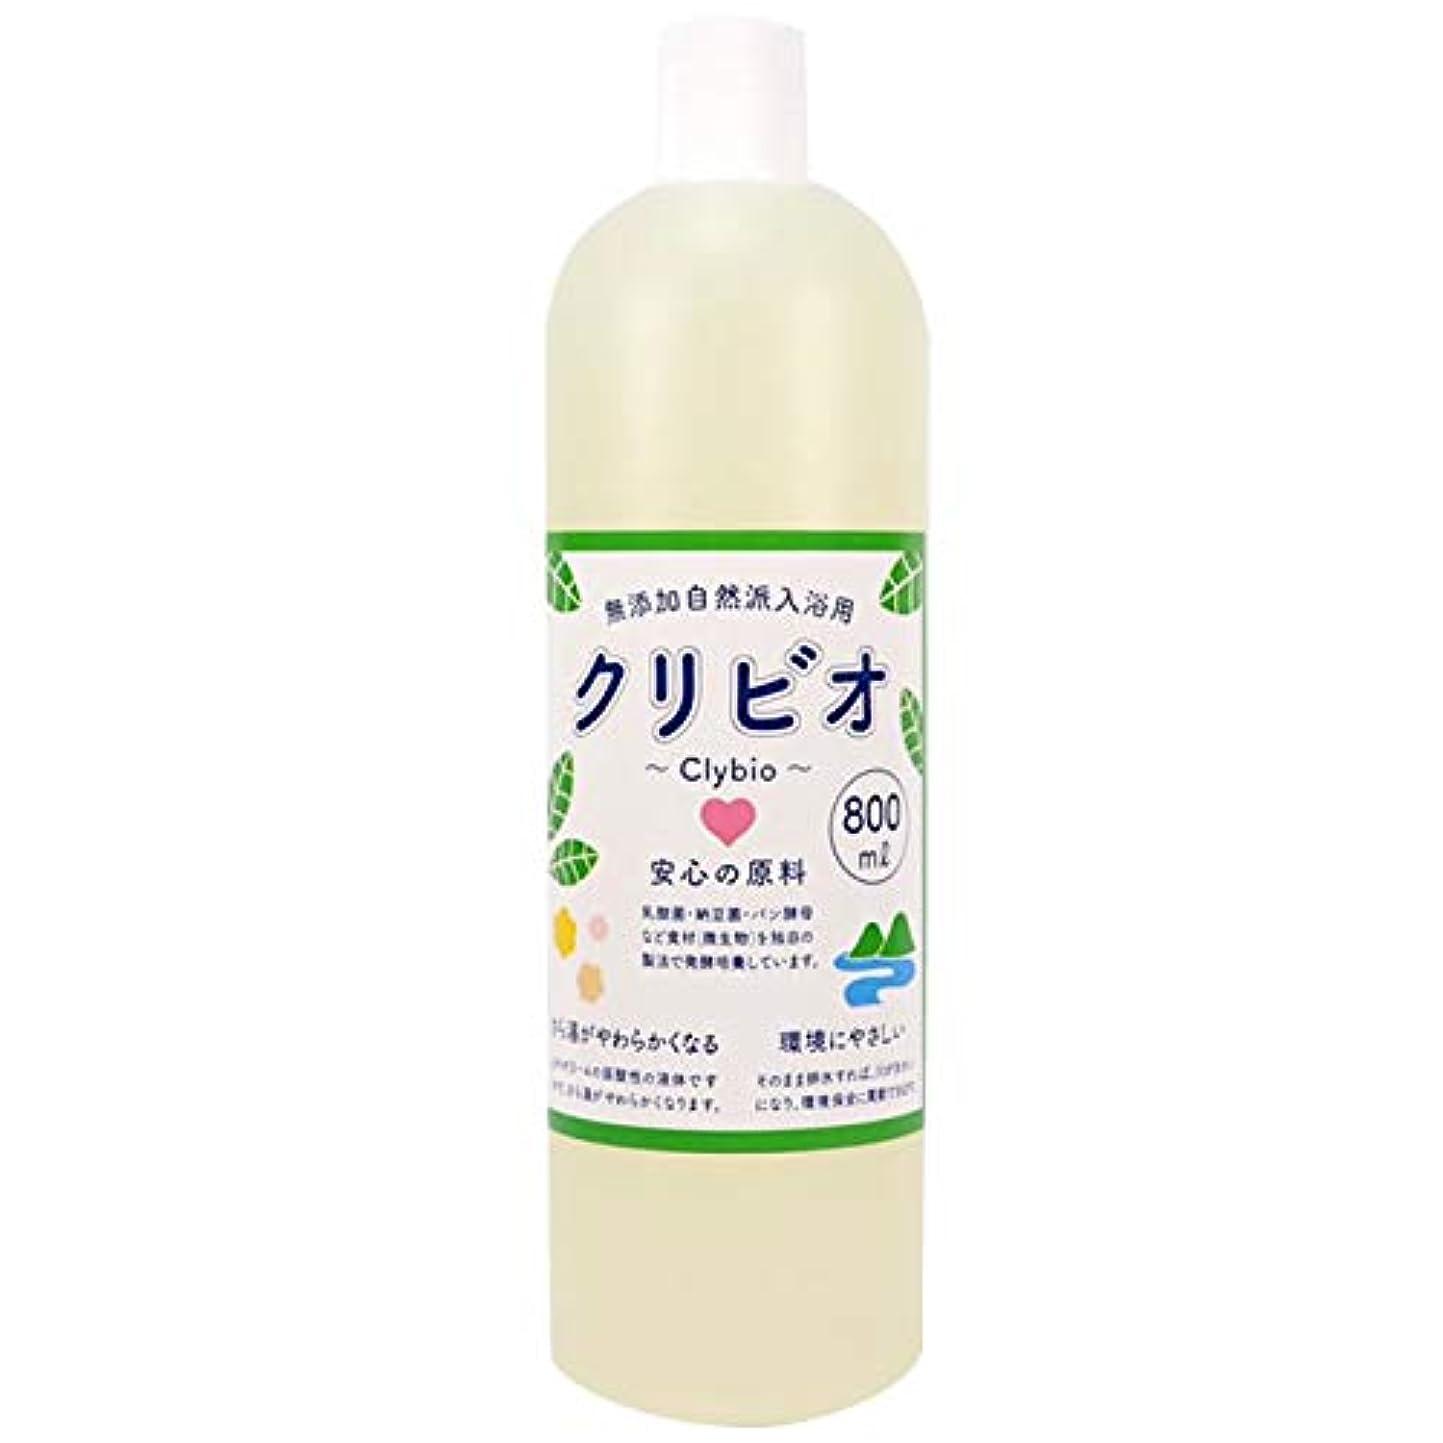 入浴用クリビオ 新タイプ 800mlトライアル 計量カップ付【無添加】